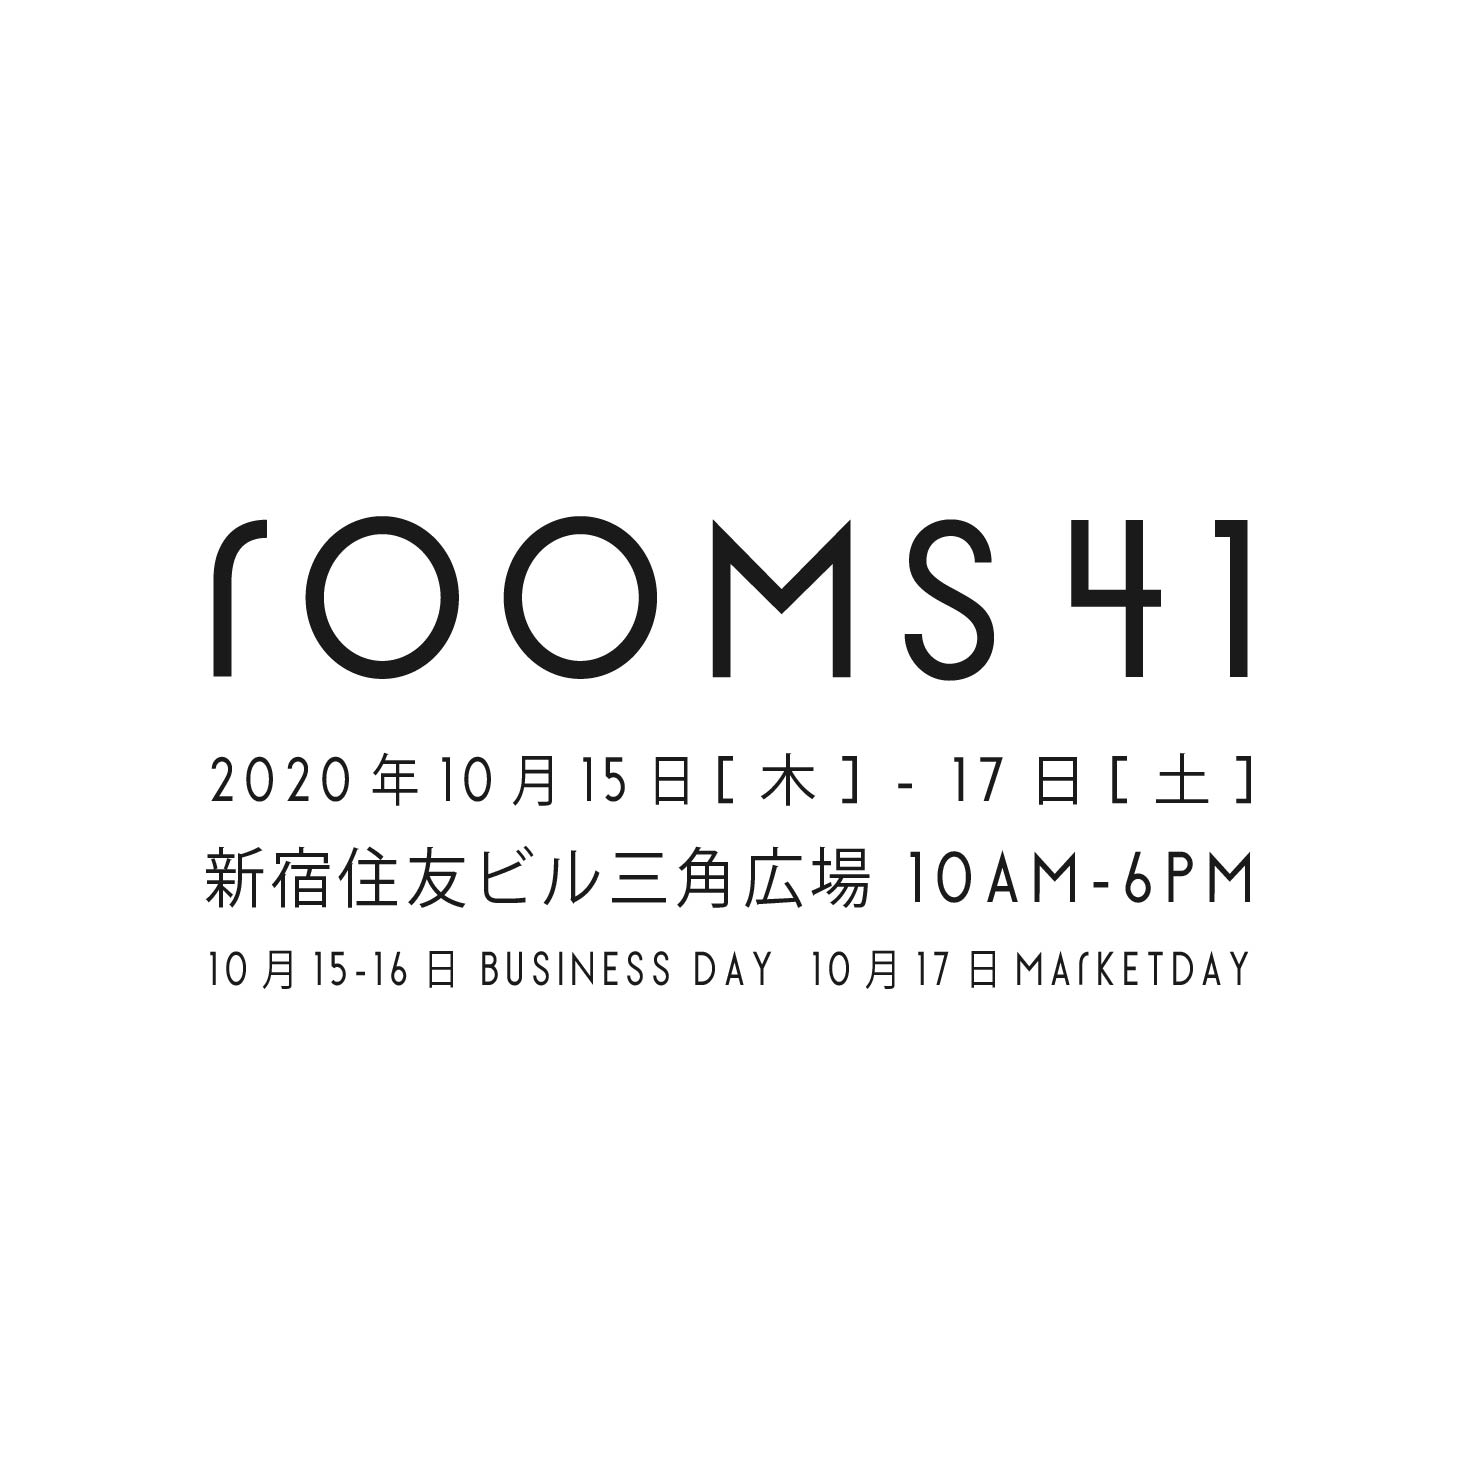 【ご案内】rooms41出展